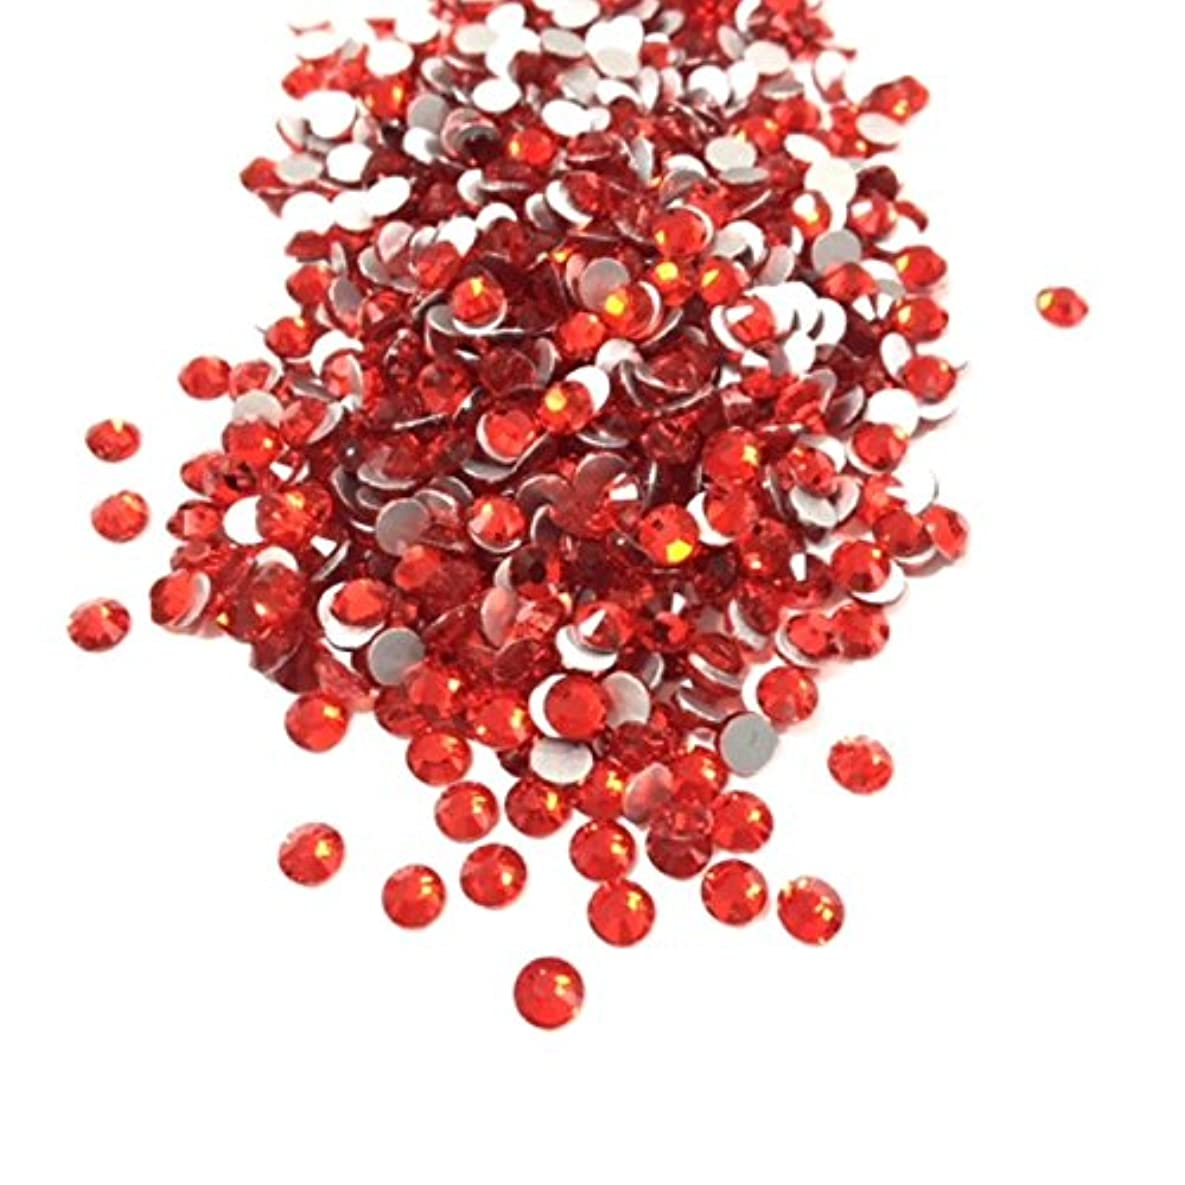 薬を飲む湖熱心【ネイルウーマン】最高品質ガラスストーン!スワロ同等の輝き! ライトシャム レッド 赤 (約100粒入り) (SS3, ライトシャム)